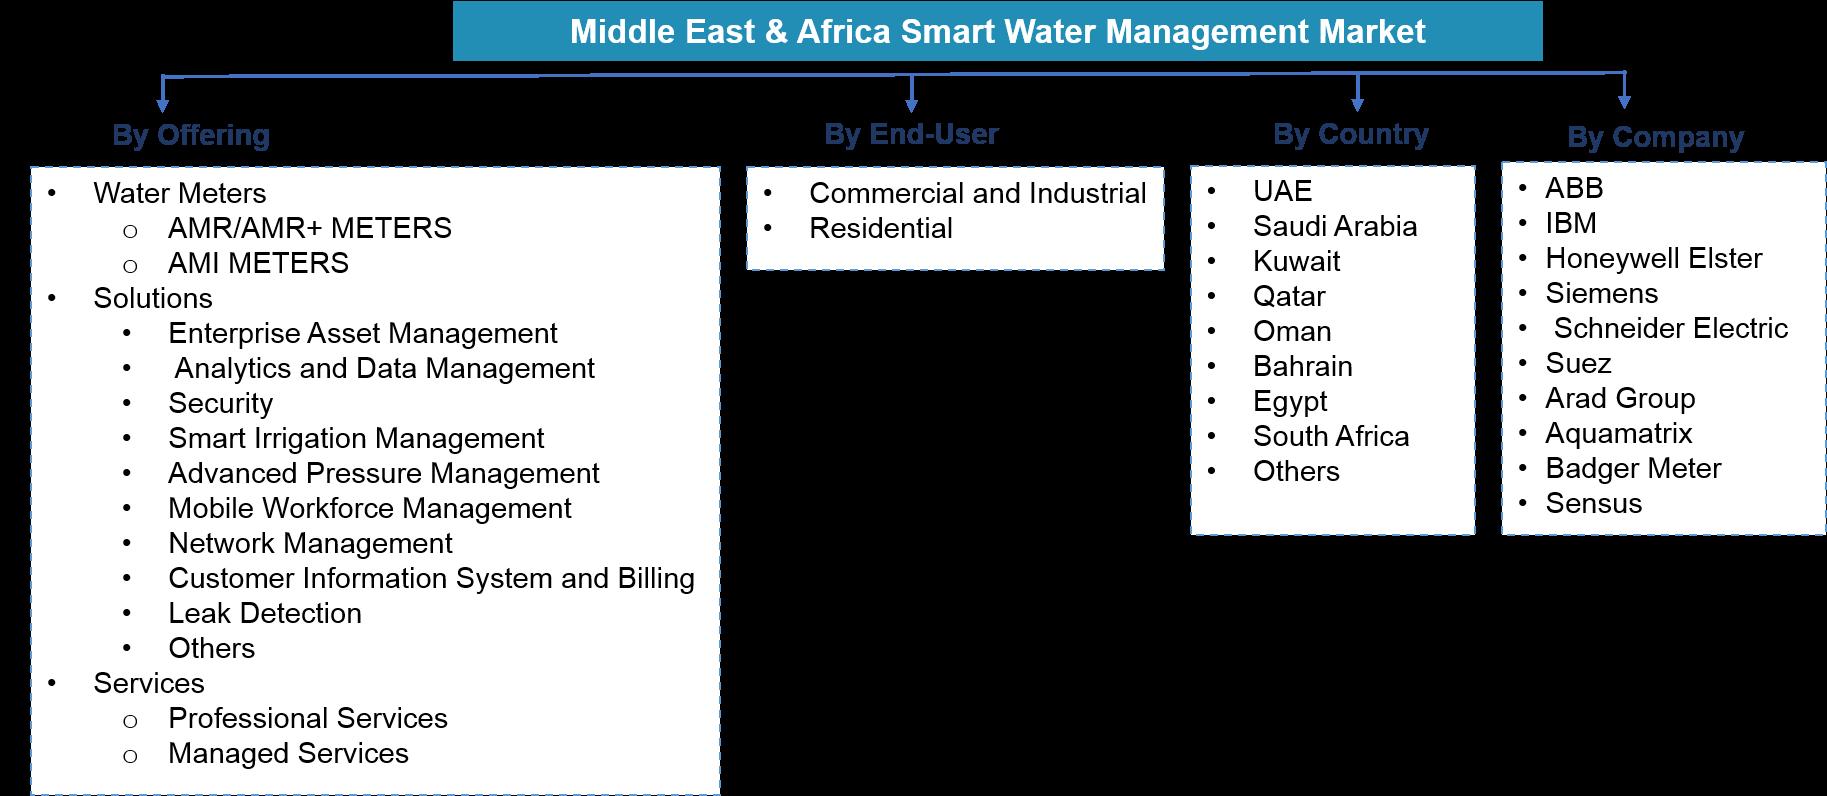 Middle East & Africa Smart Water Management Market Segmentation